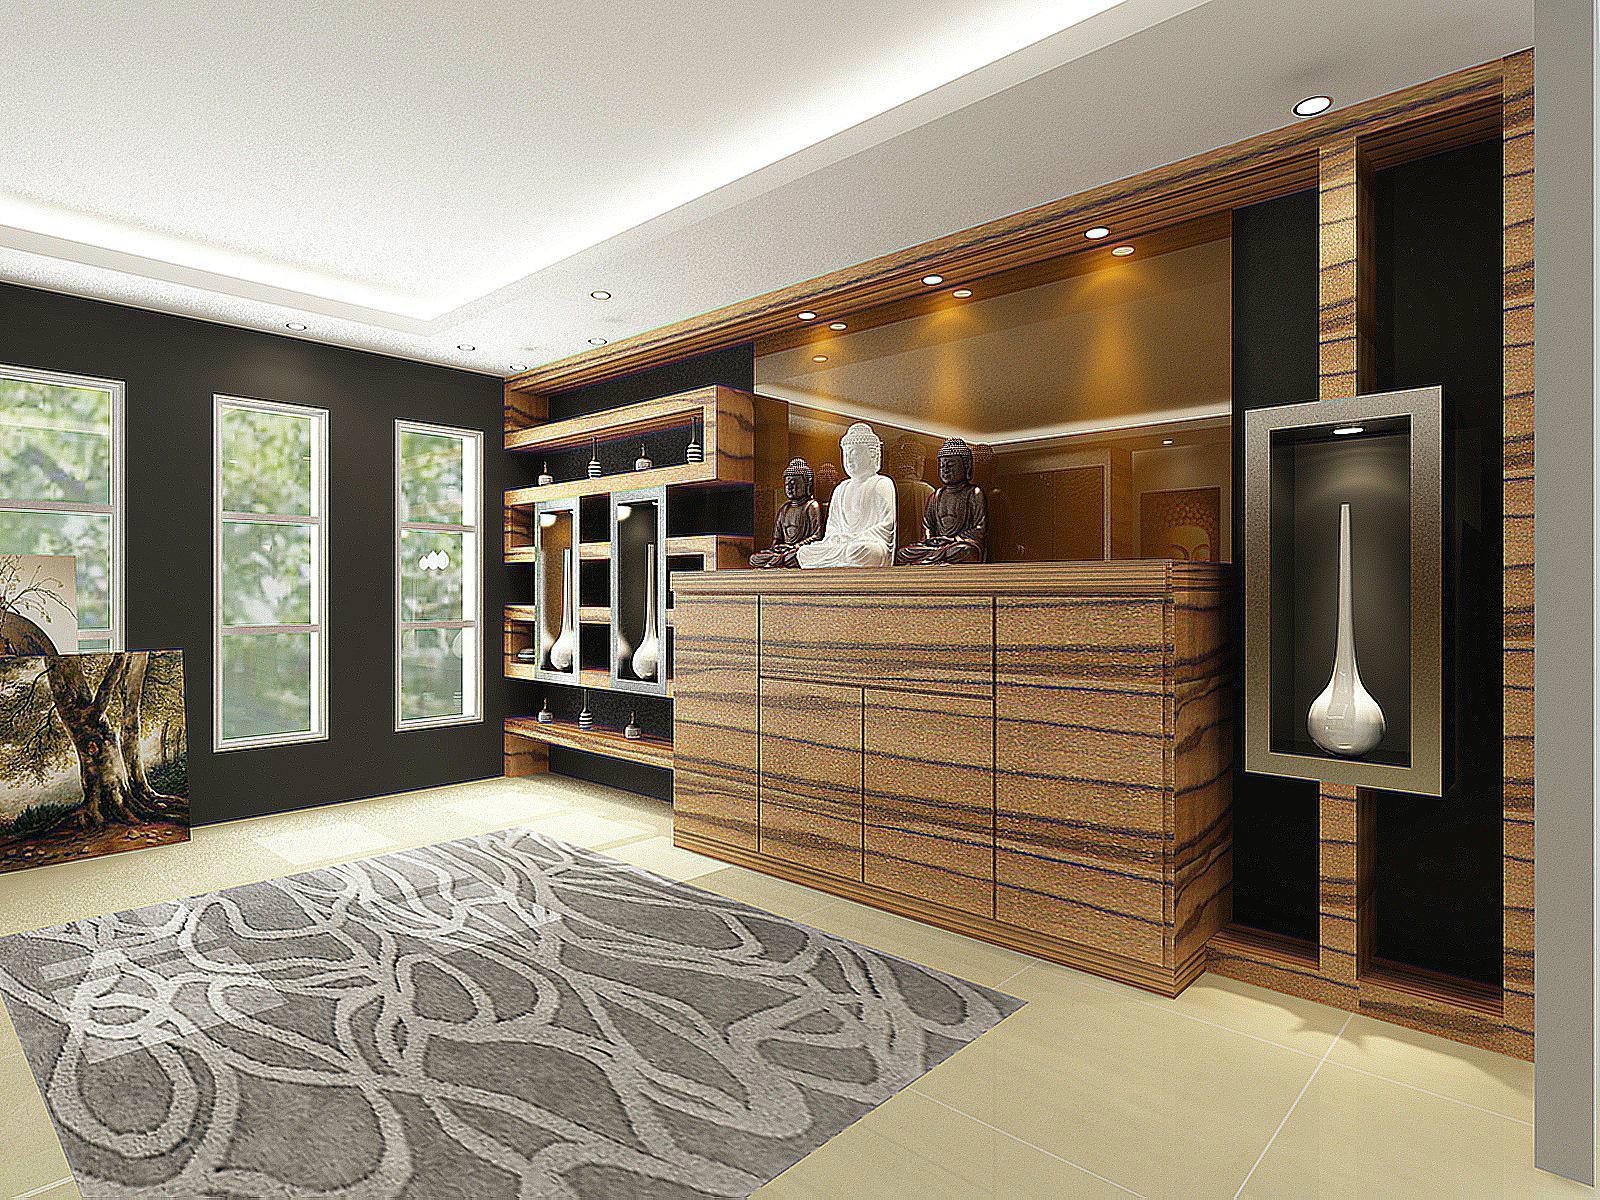 Home Altar Designs | Home Design Plan